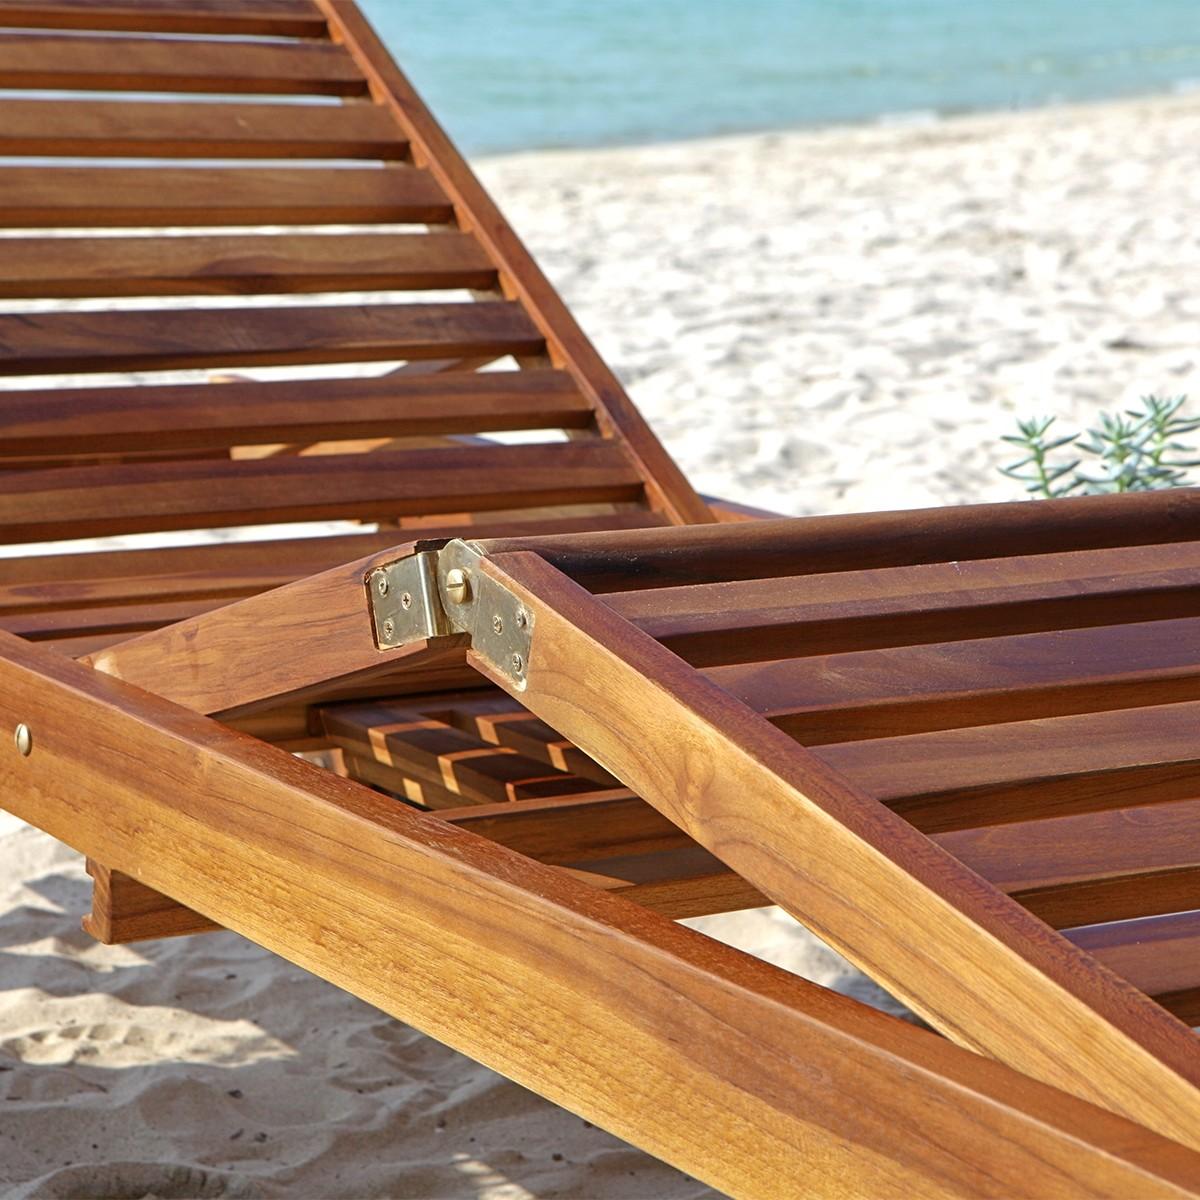 lot de 2 bains de soleil en bois de teck huil bali bois. Black Bedroom Furniture Sets. Home Design Ideas